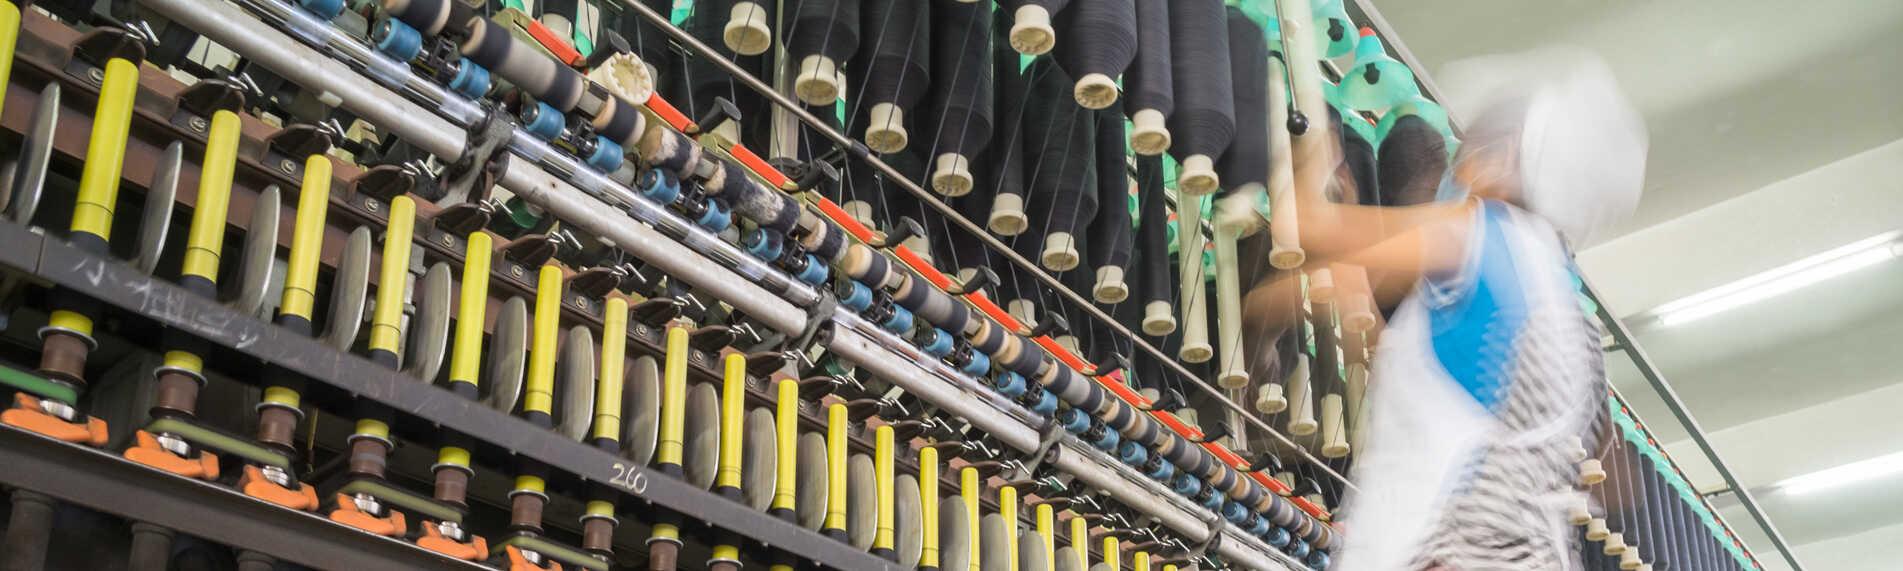 Befugtning og fugtstyring sikrer kvaliteten hos tekstilproduktioner